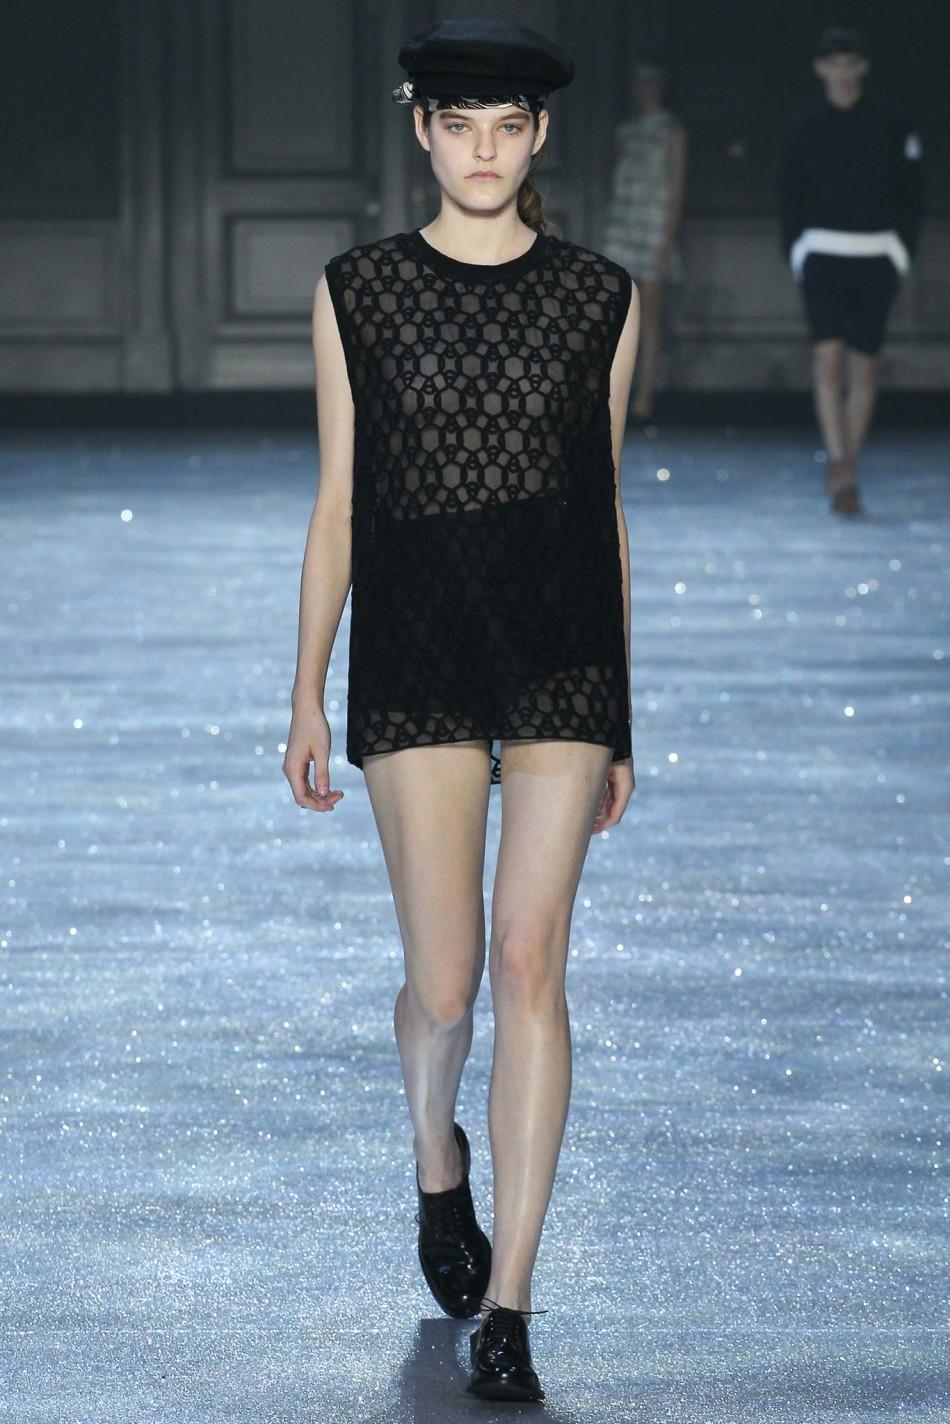 2015春夏巴黎时装周发布会  Moncler Gamme Rouge 蒙克莱 时装秀图片